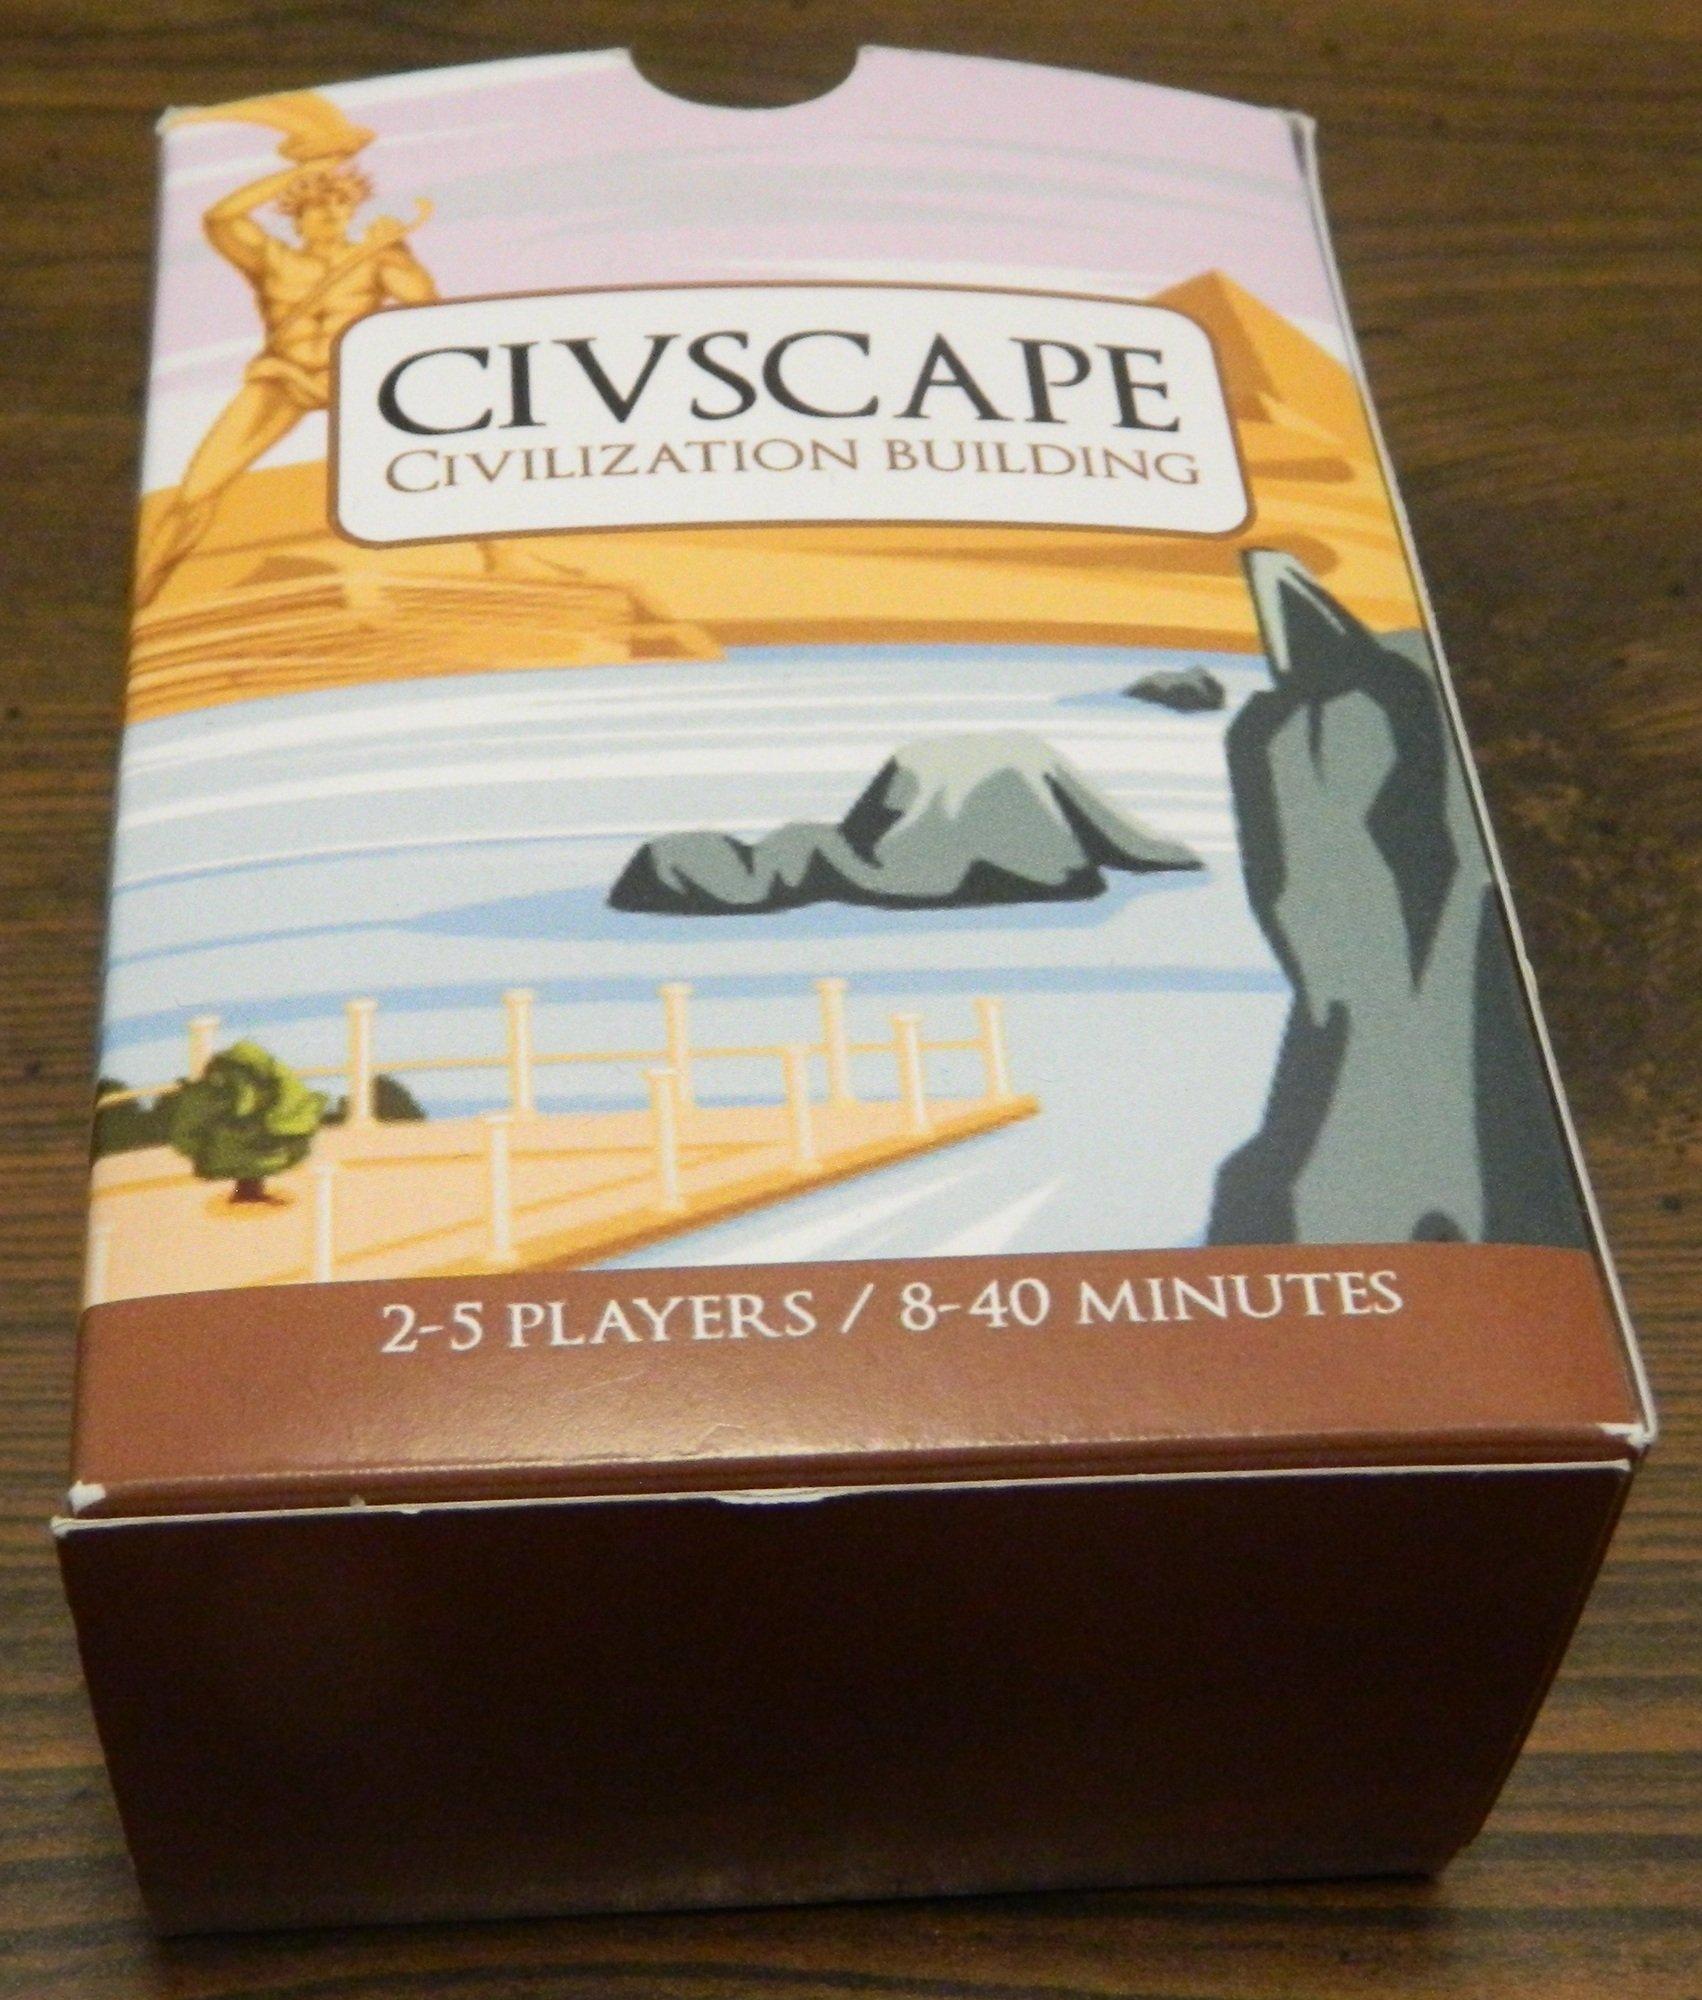 Box for Civscape